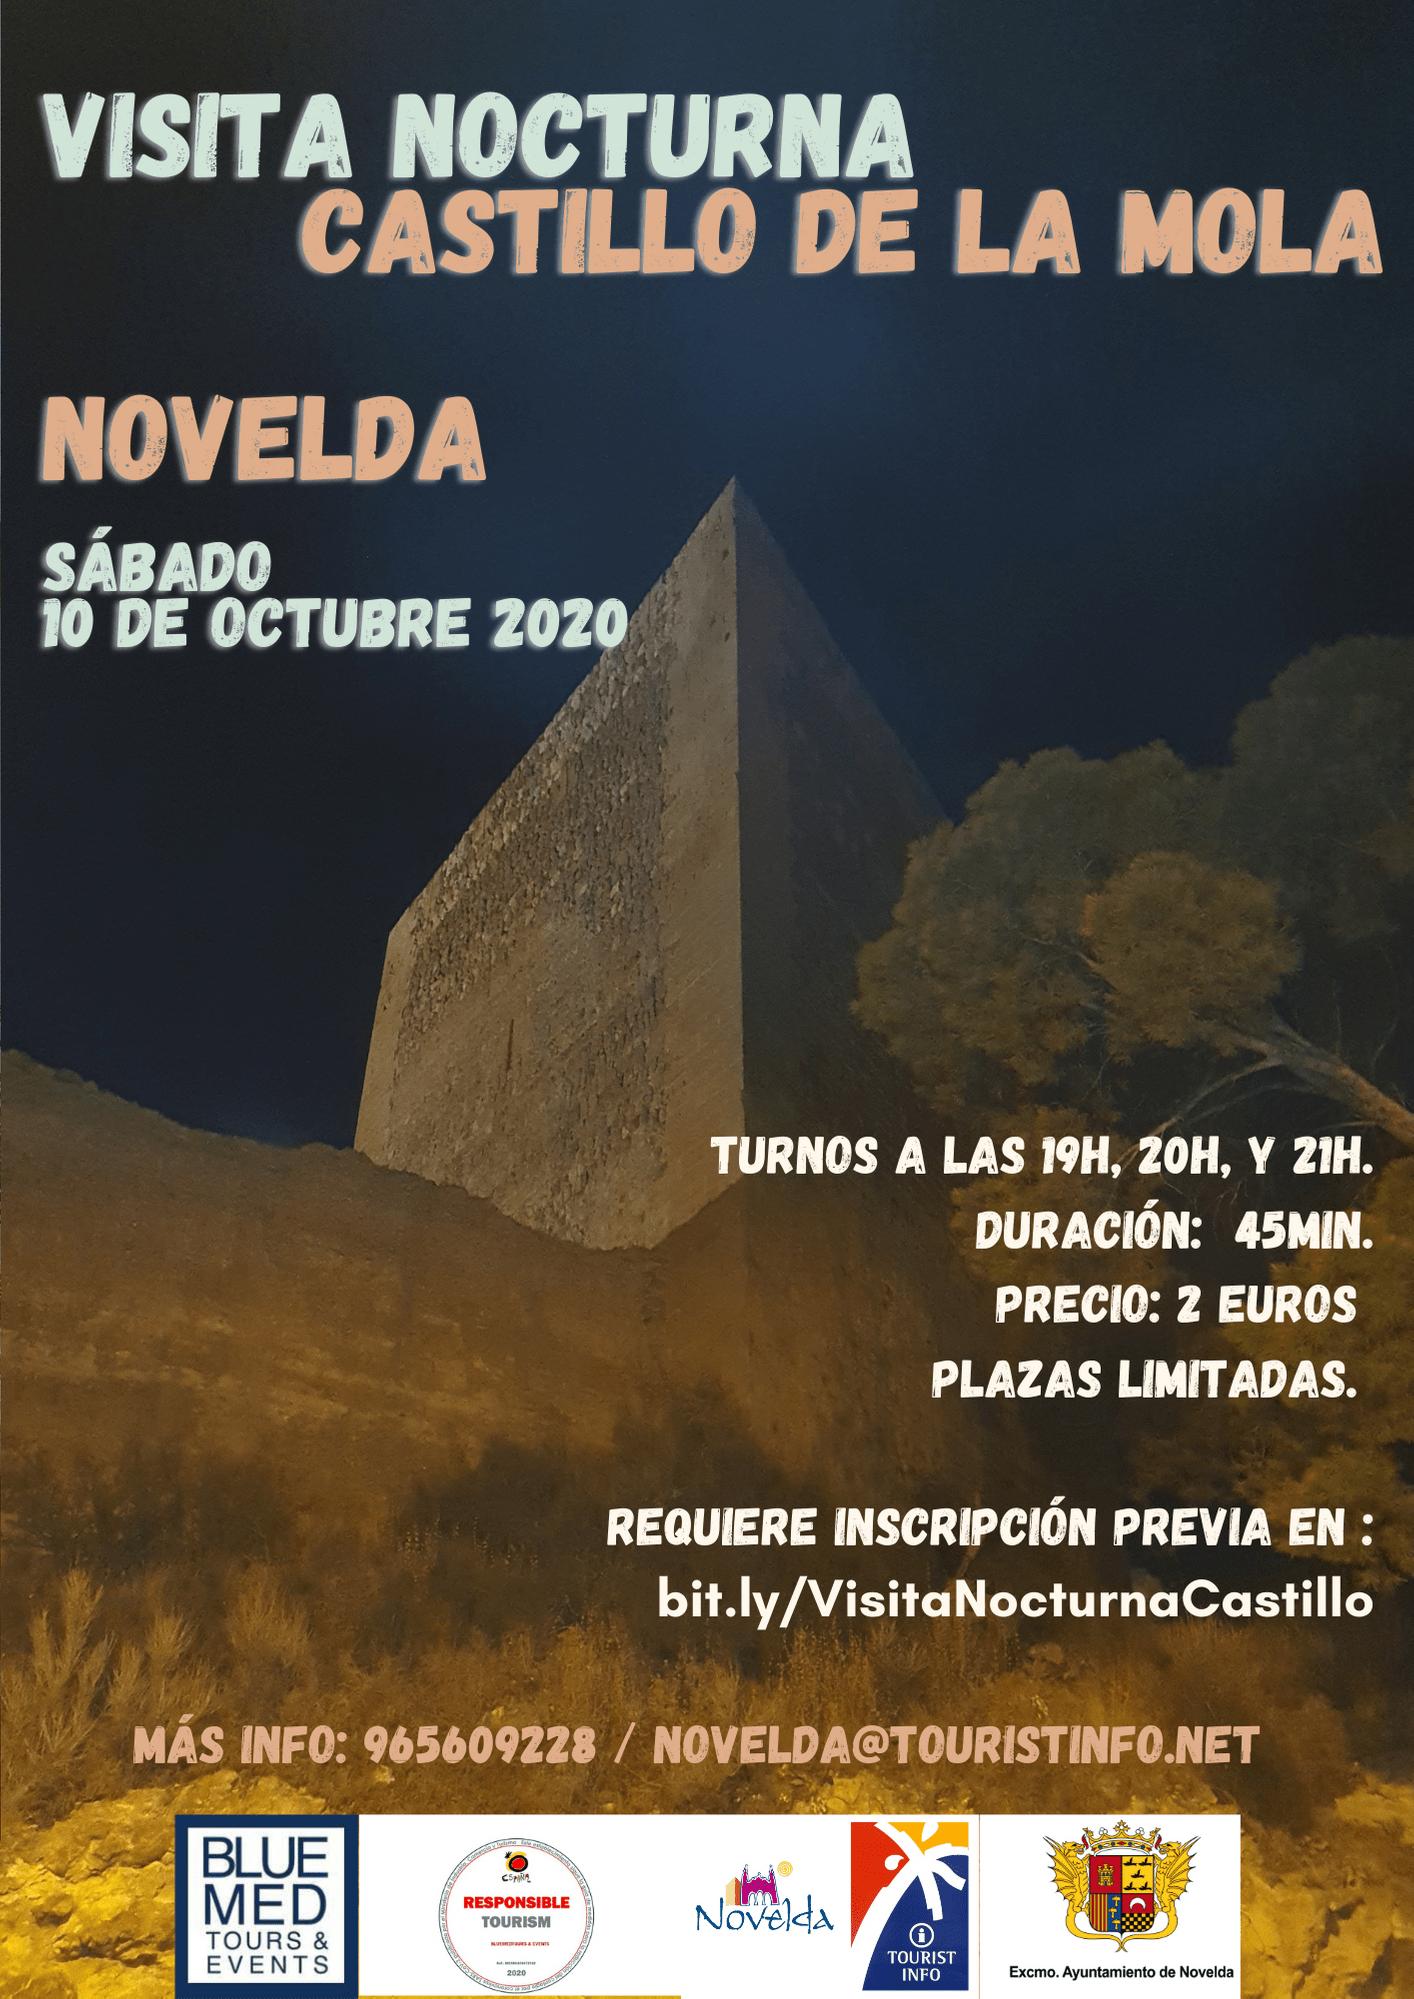 Ayuntamiento de Novelda Visita-Nocturna-Castillo Visita nocturna Castillo de la Mola